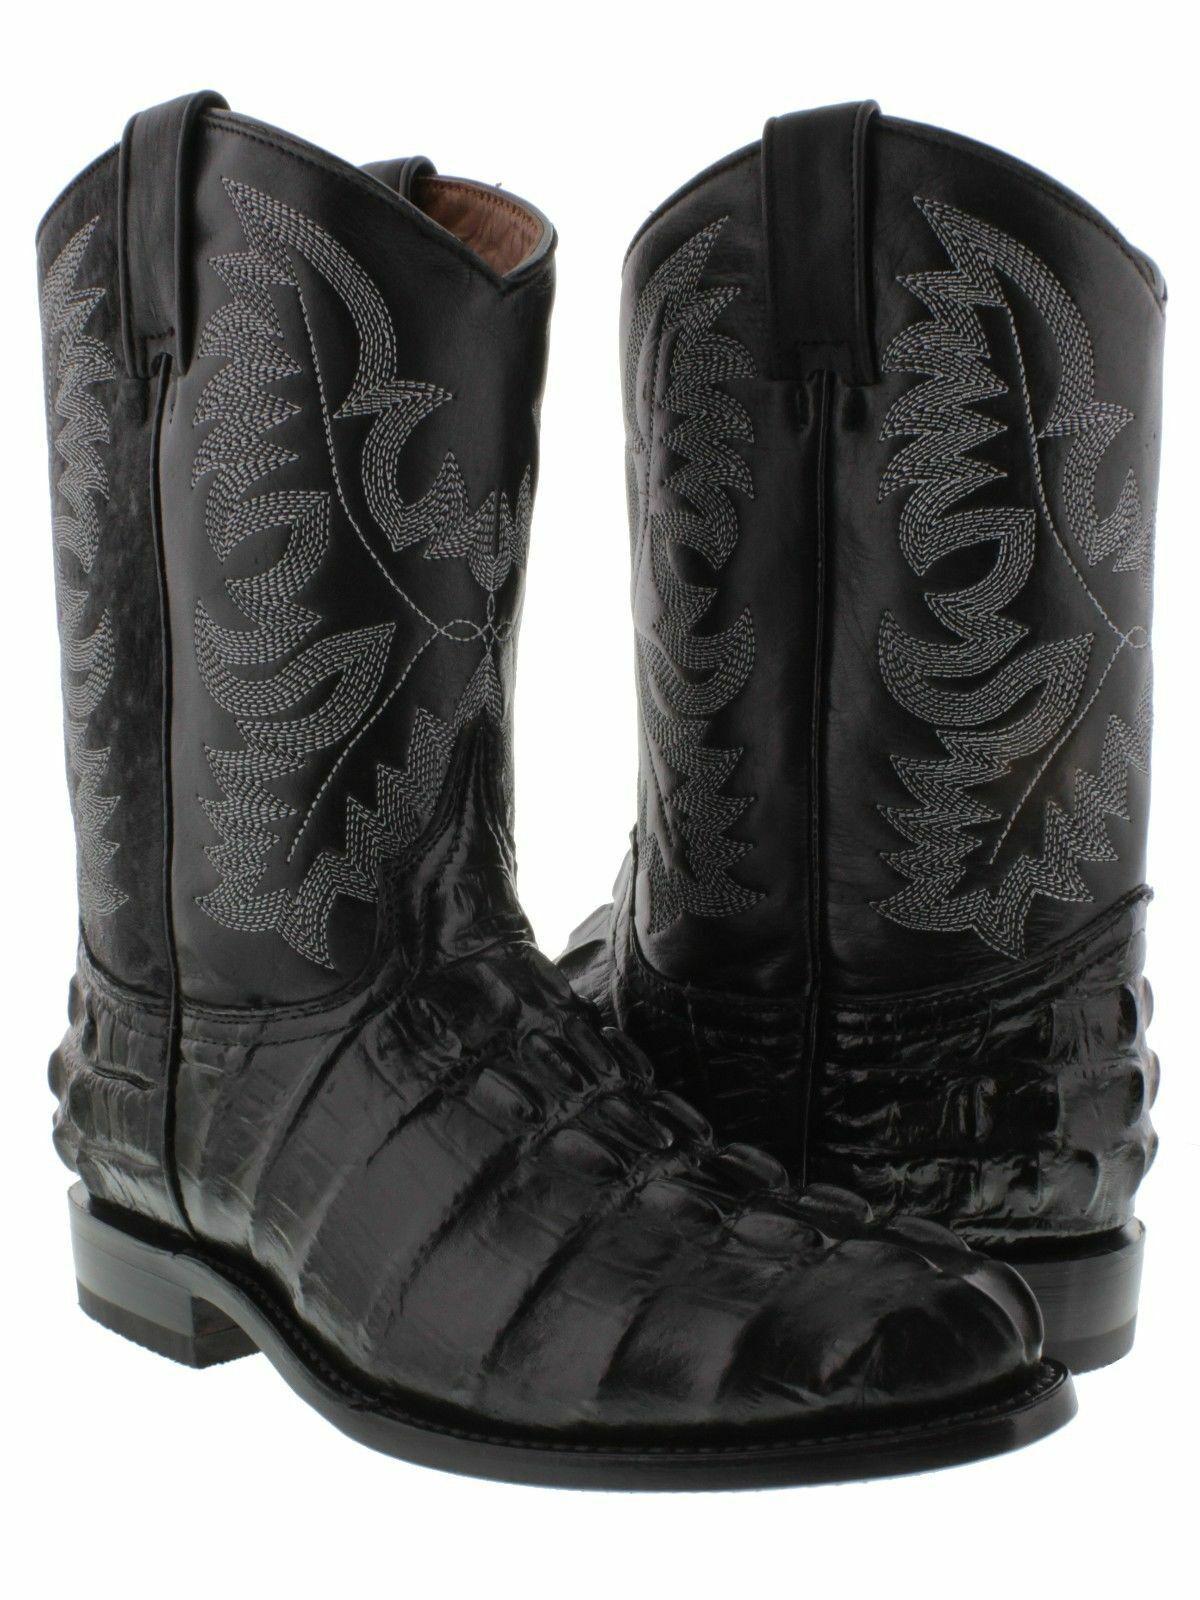 Cola De Cocodrilo Negro Para Hombre Desgaste Occidental botas De Vaquero Rodeo Leather Roper Toe